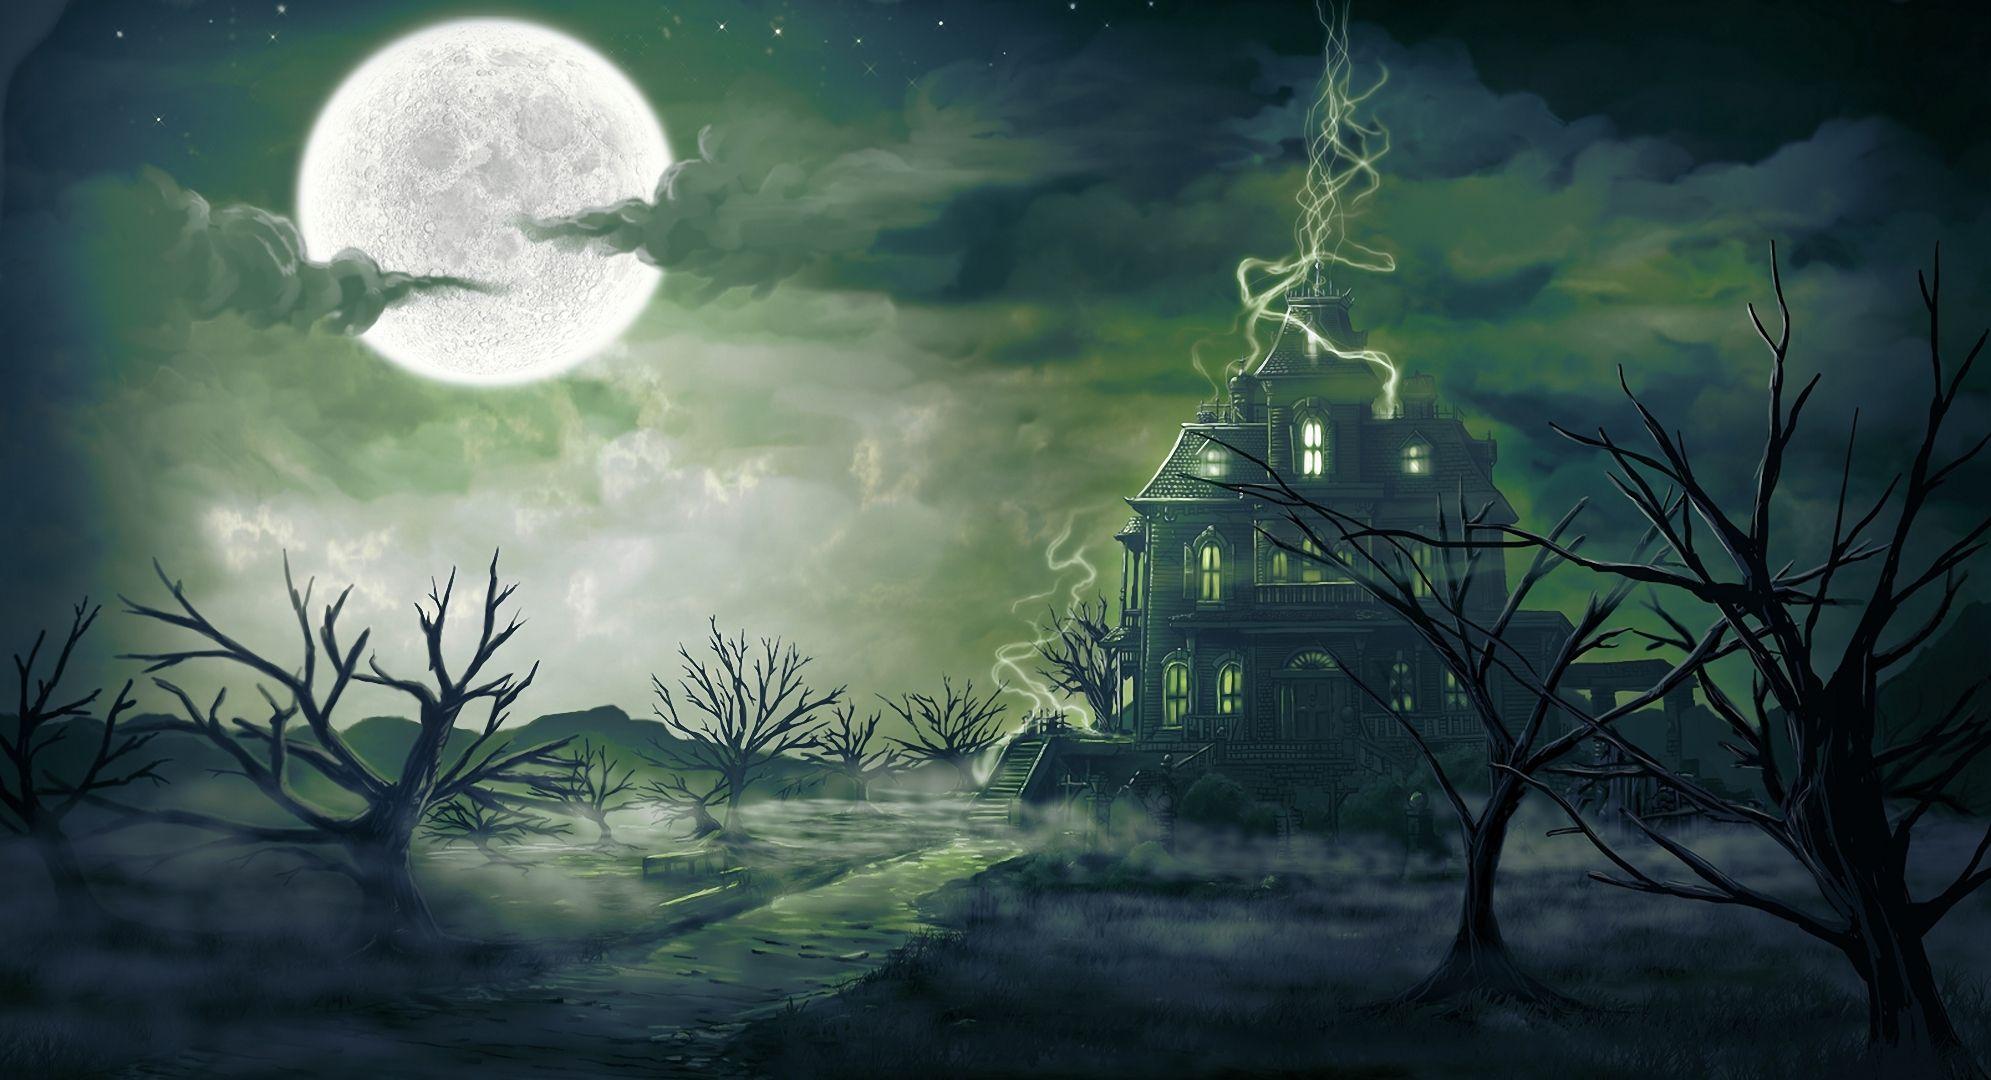 Mystic Night Pictures, Full Moon Mysticism, Night Moon, Night Drawing, Fog Night Moon ArtPicture